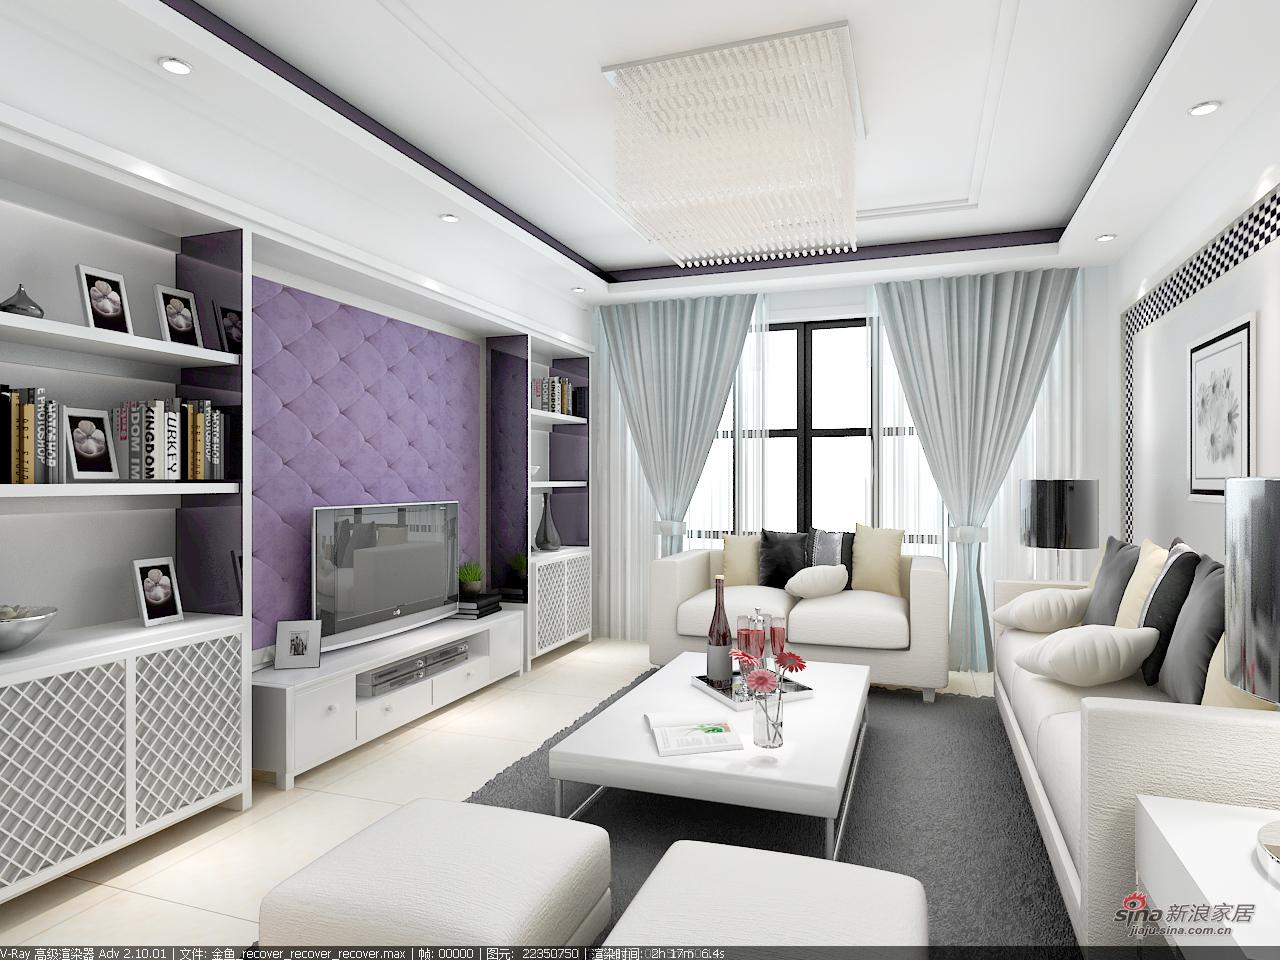 其他 三居 客厅图片来自用户2558746857在金域110平优雅白调3居53的分享